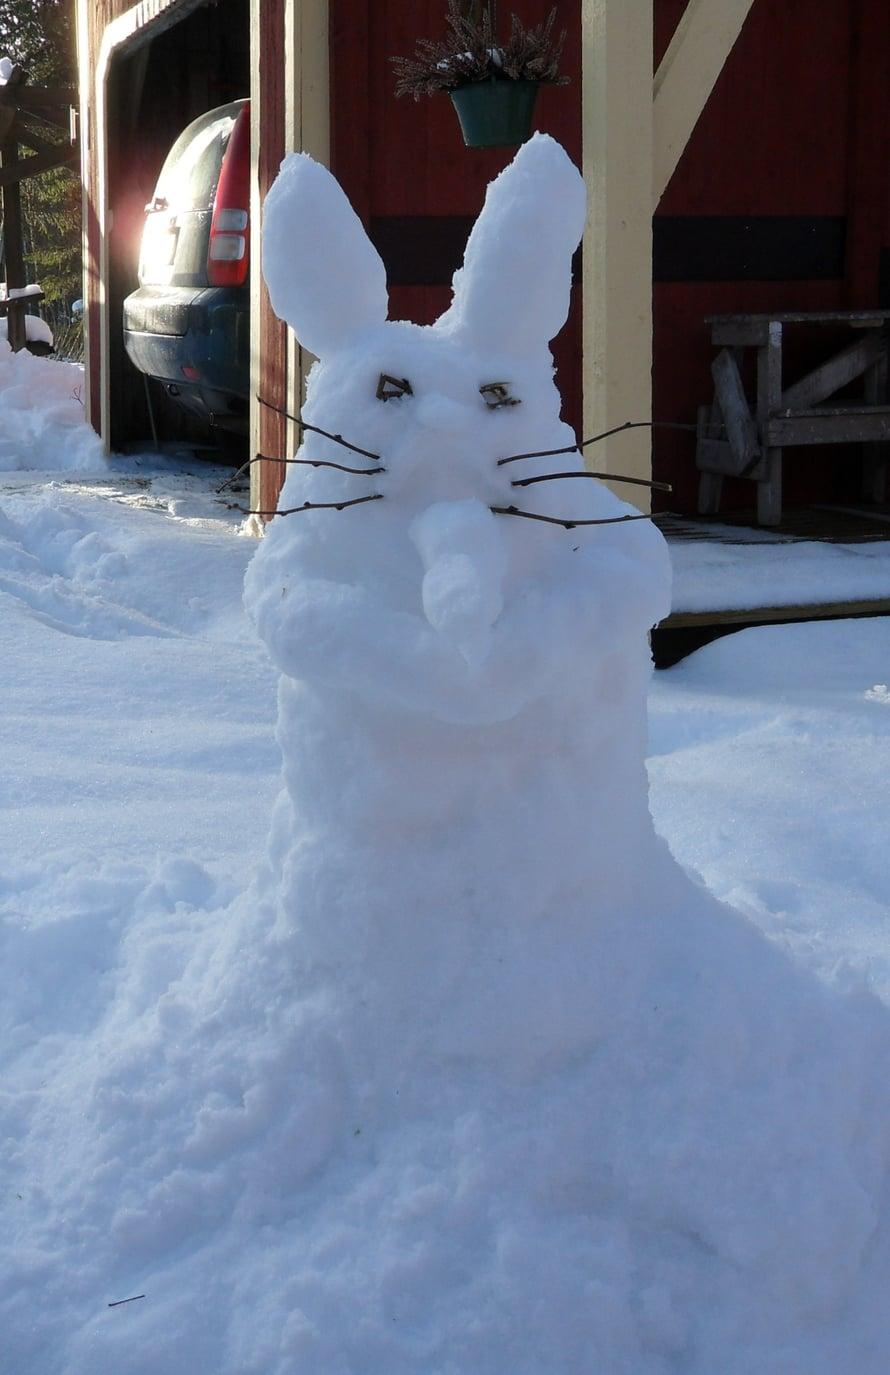 Tämä ei ole lumiukko eikä -akka, vaan jotain muuta. Katsoja saa päättää!